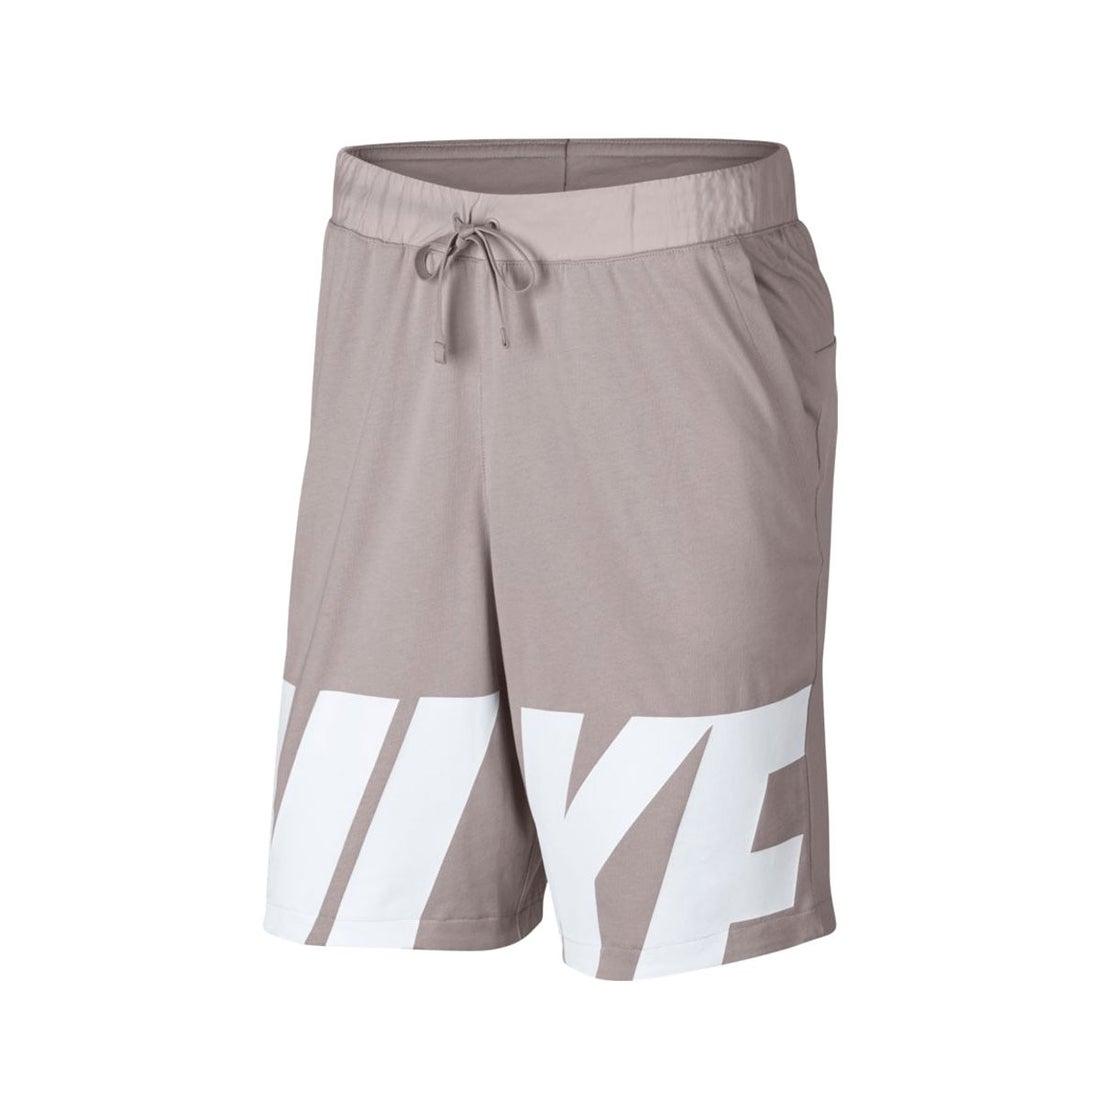 ロコンド 靴とファッションの通販サイトナイキ NIKE NIKE AS M NSW SHORT HYBRID (PINK)